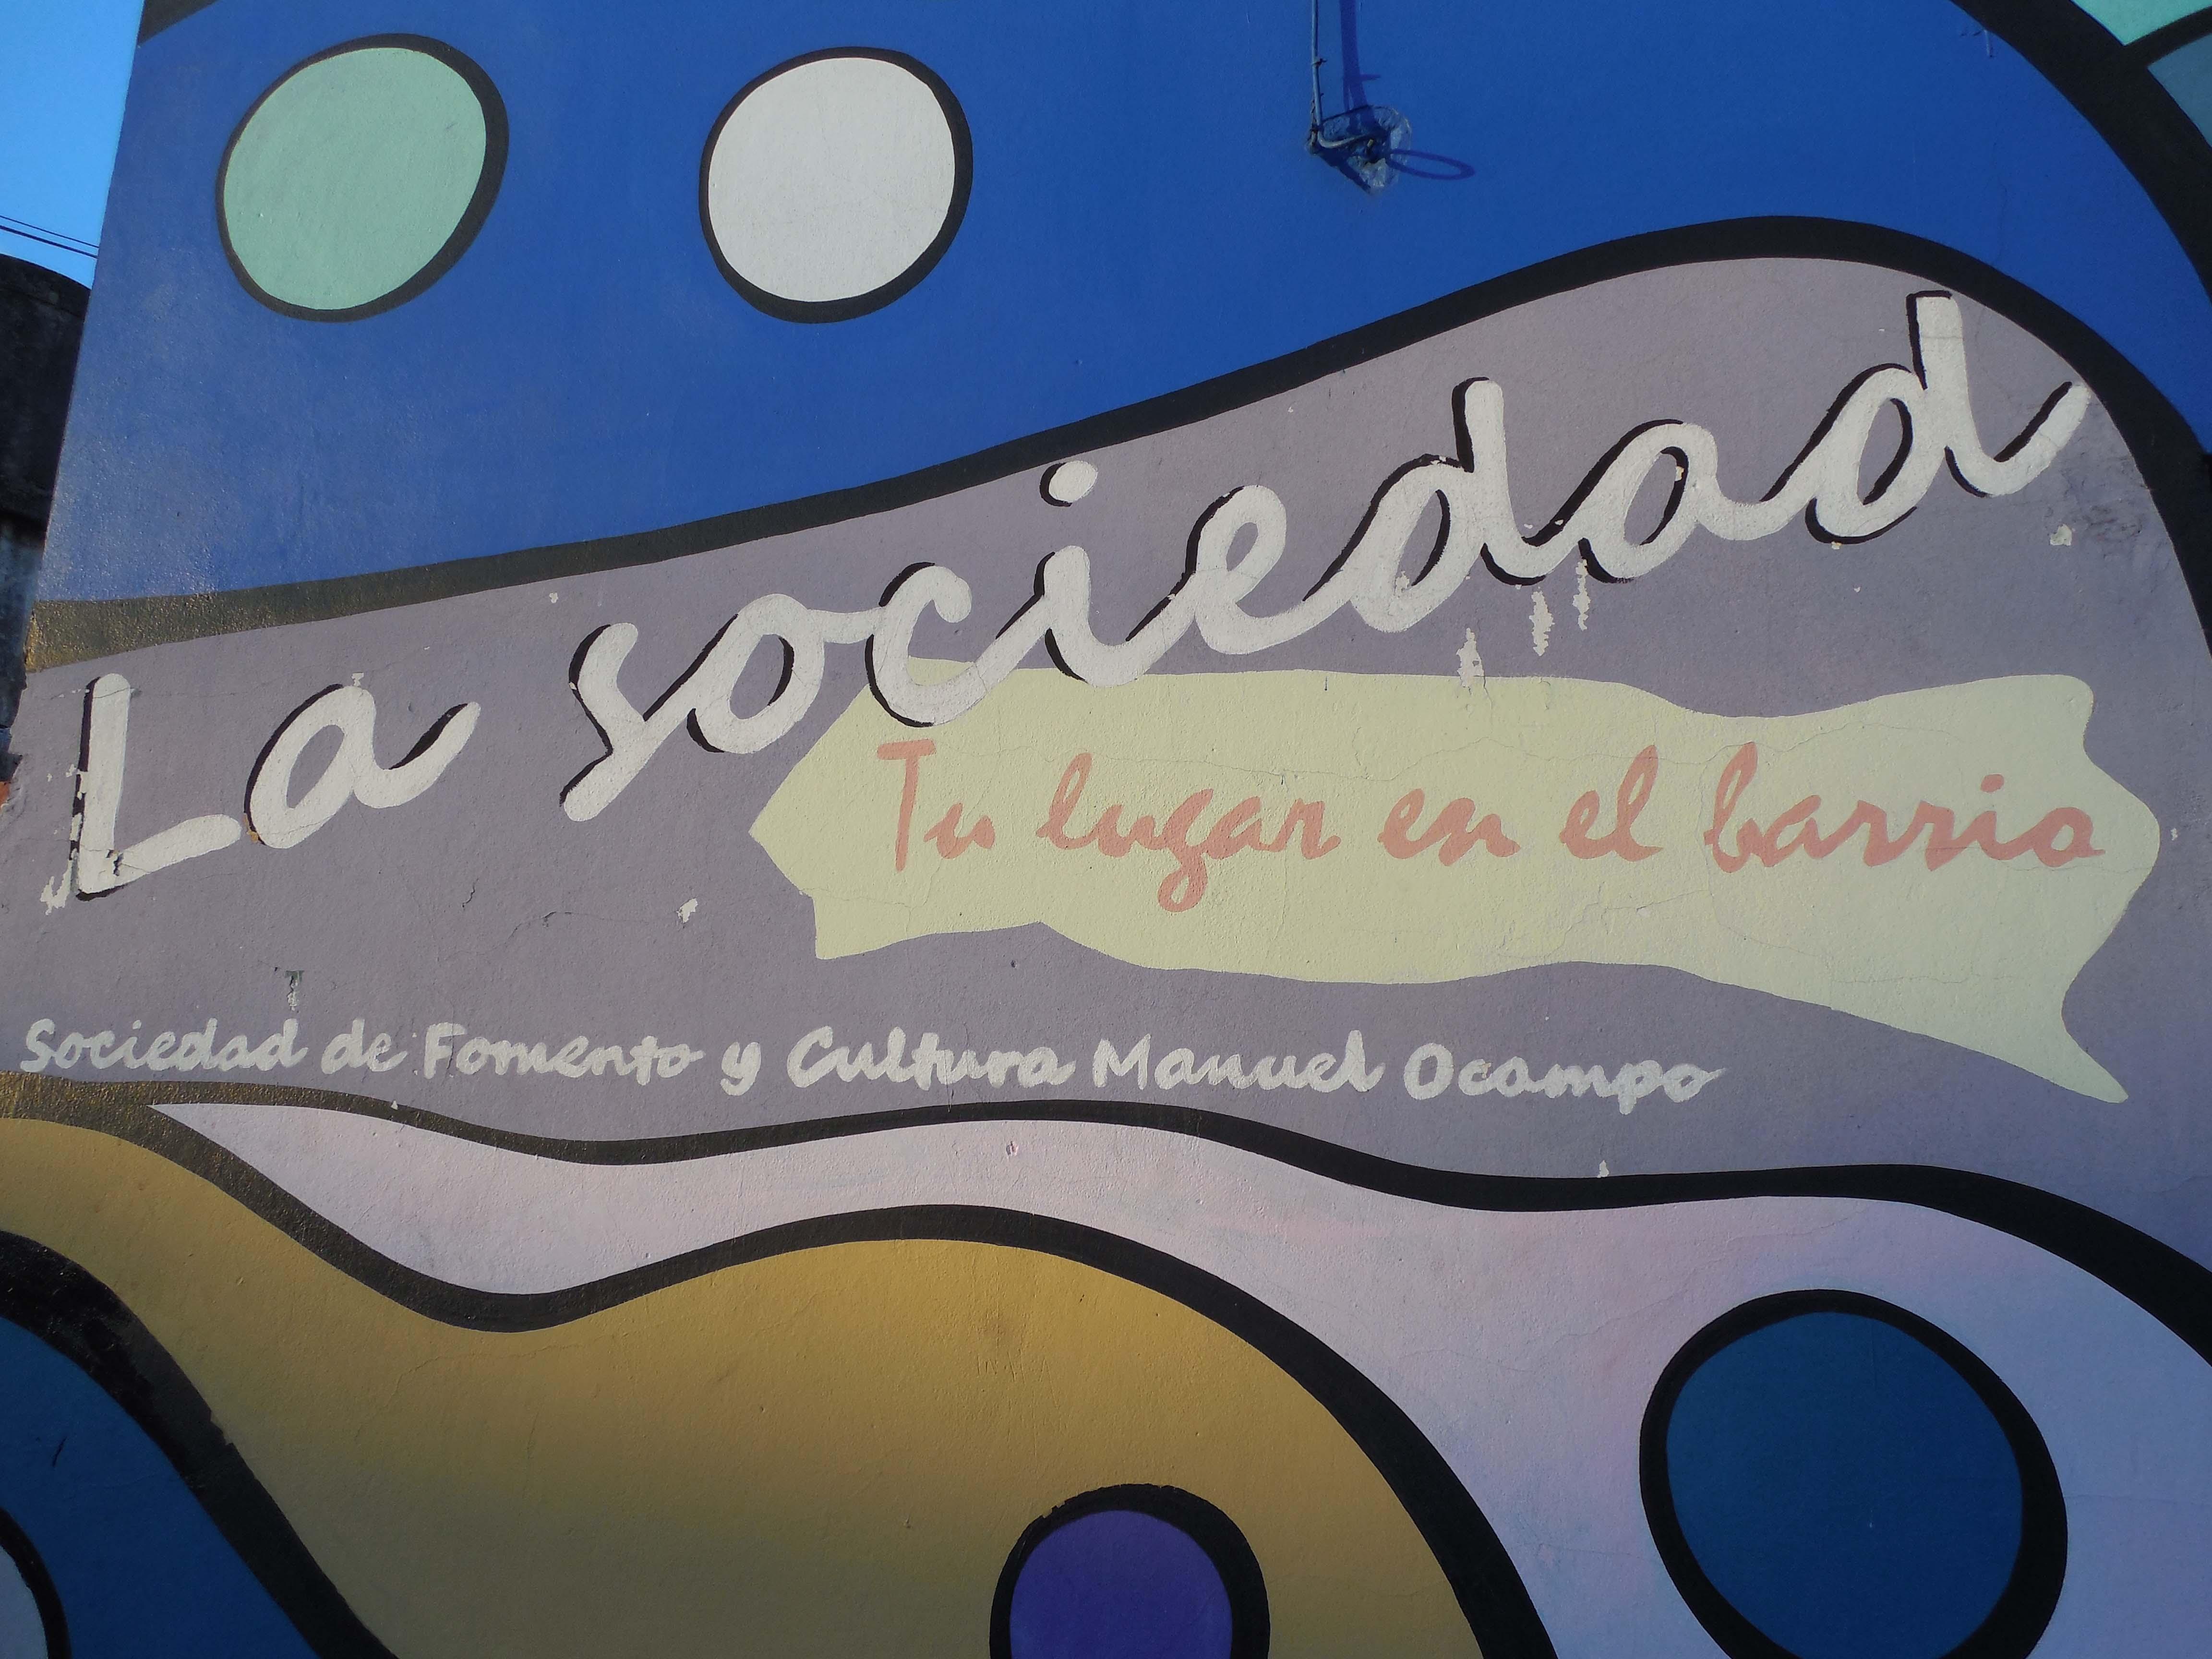 Mural calle - Centro Cultural La Sociedad / Sociedad de Fomento y Cultura Manuel Ocampo